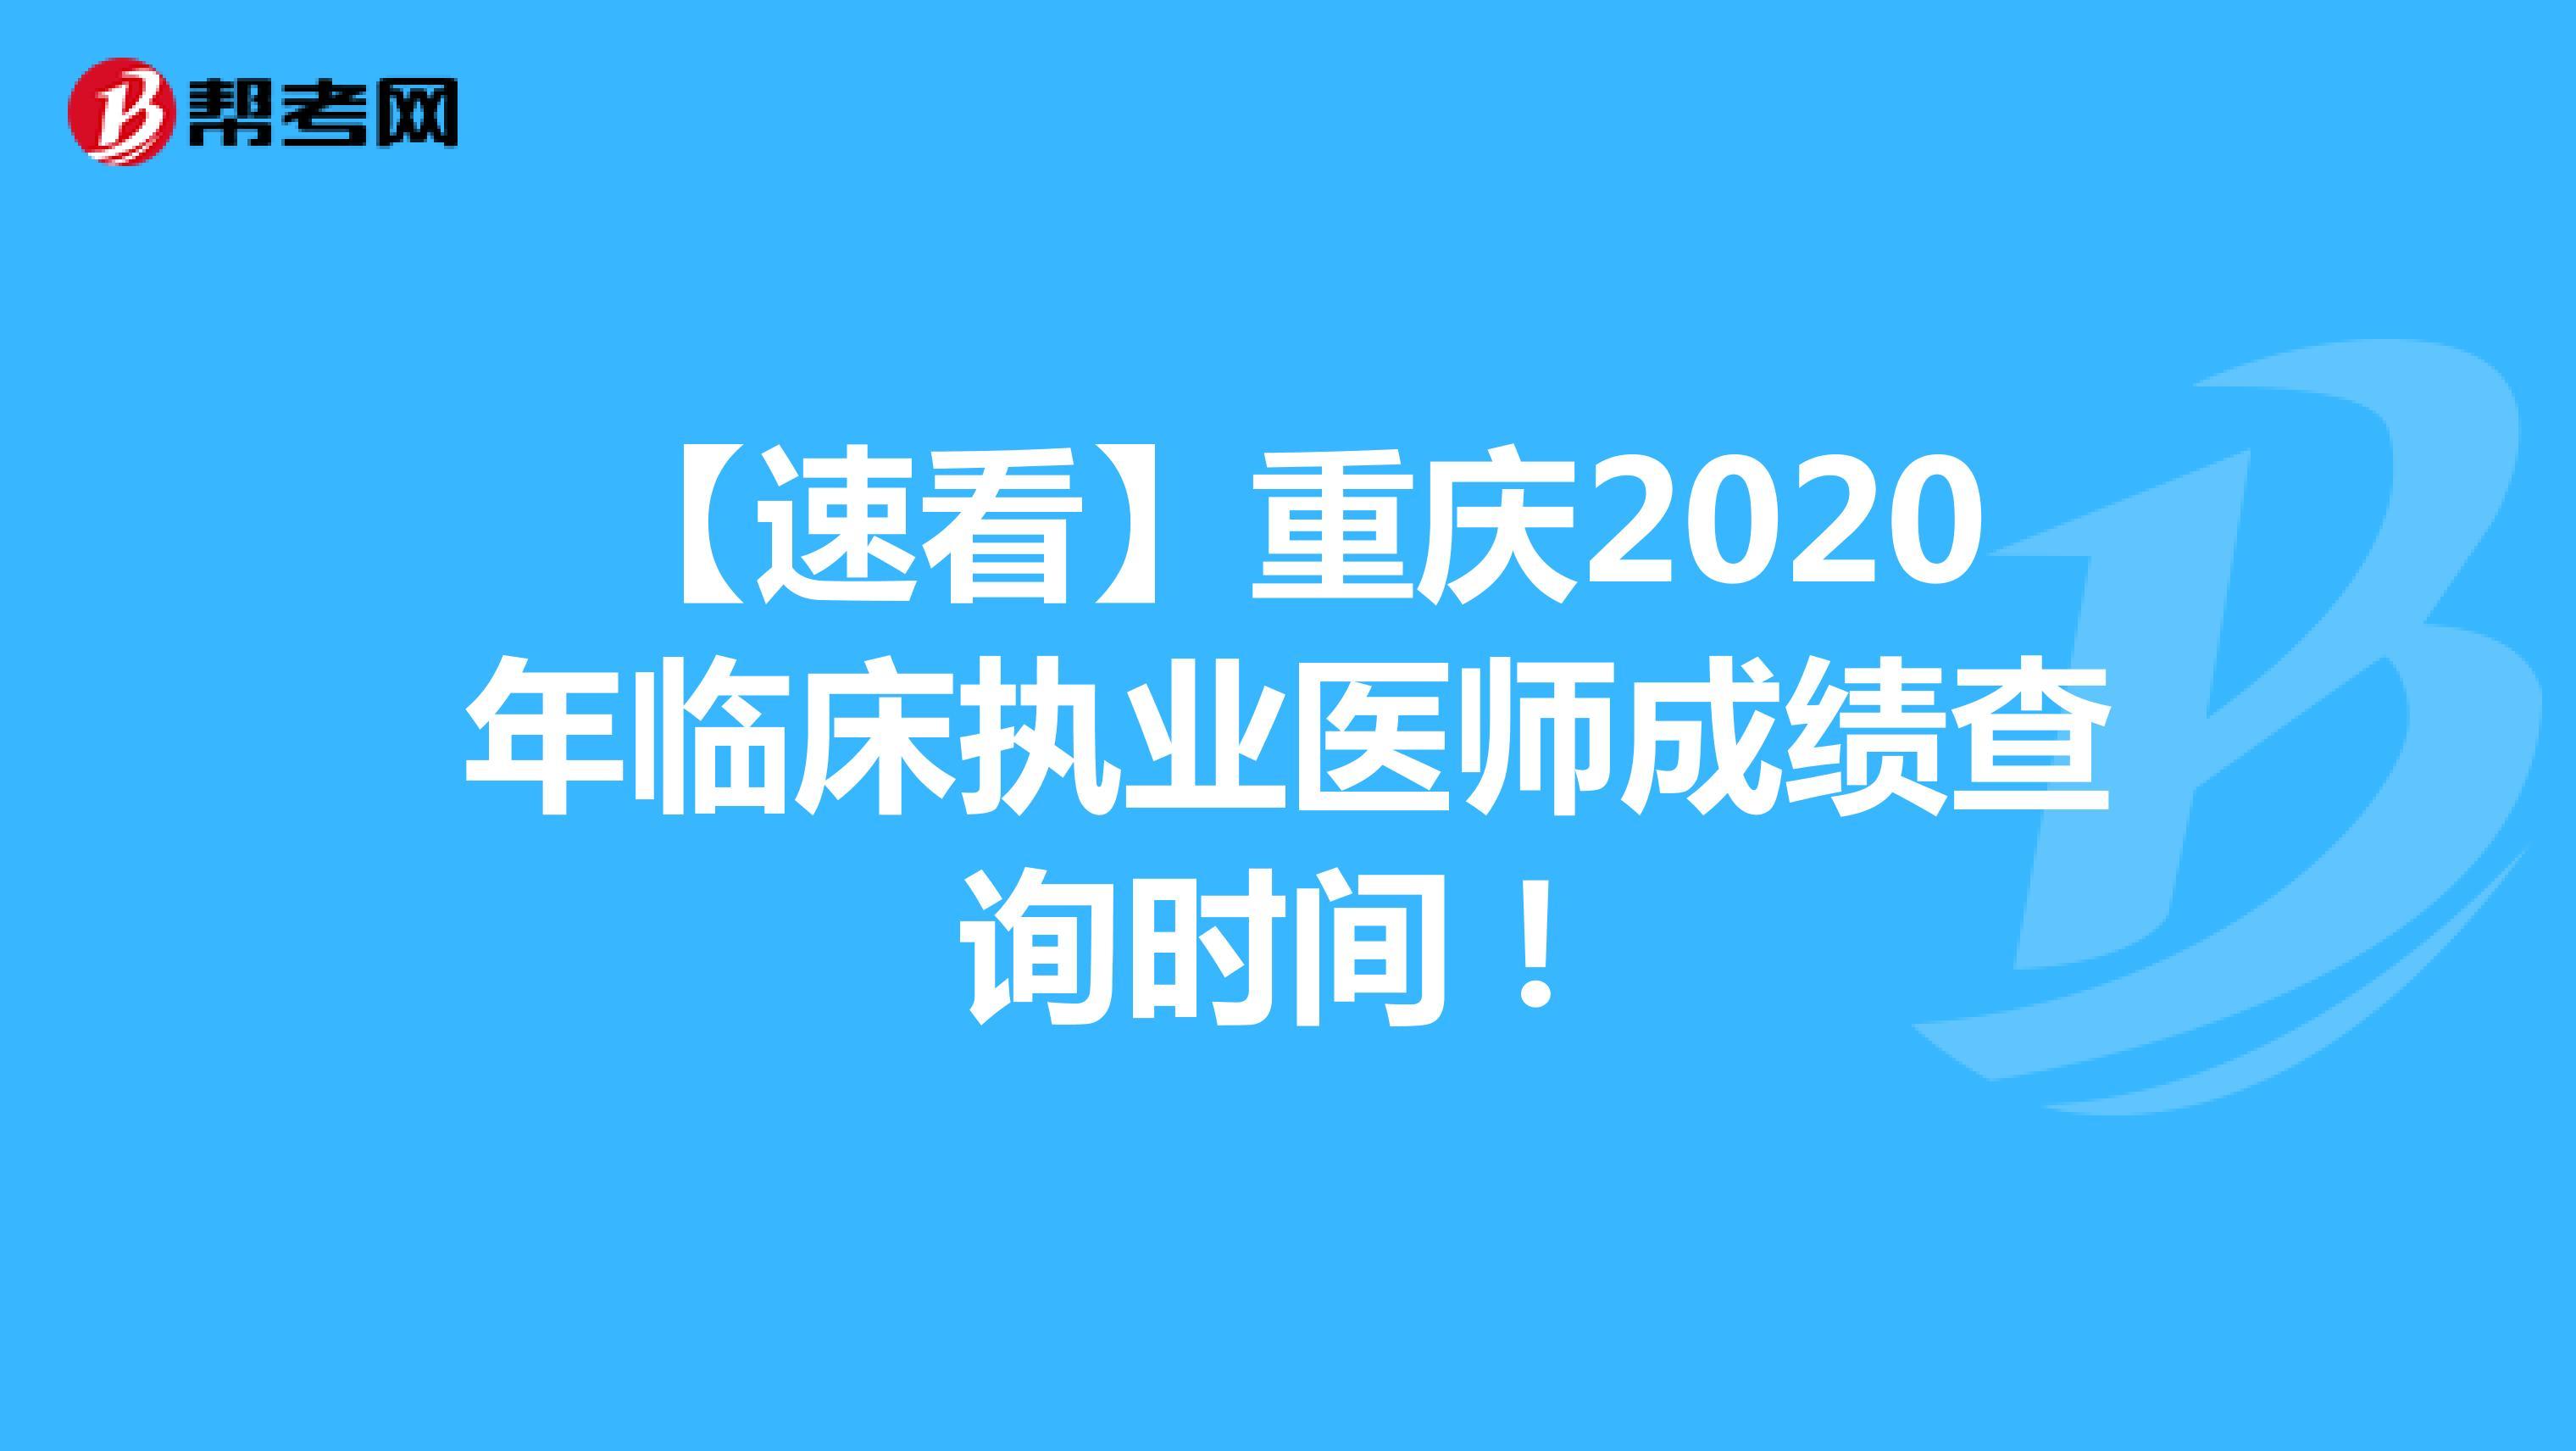 【速看】重庆2020年临床执业医师成绩查询时间!